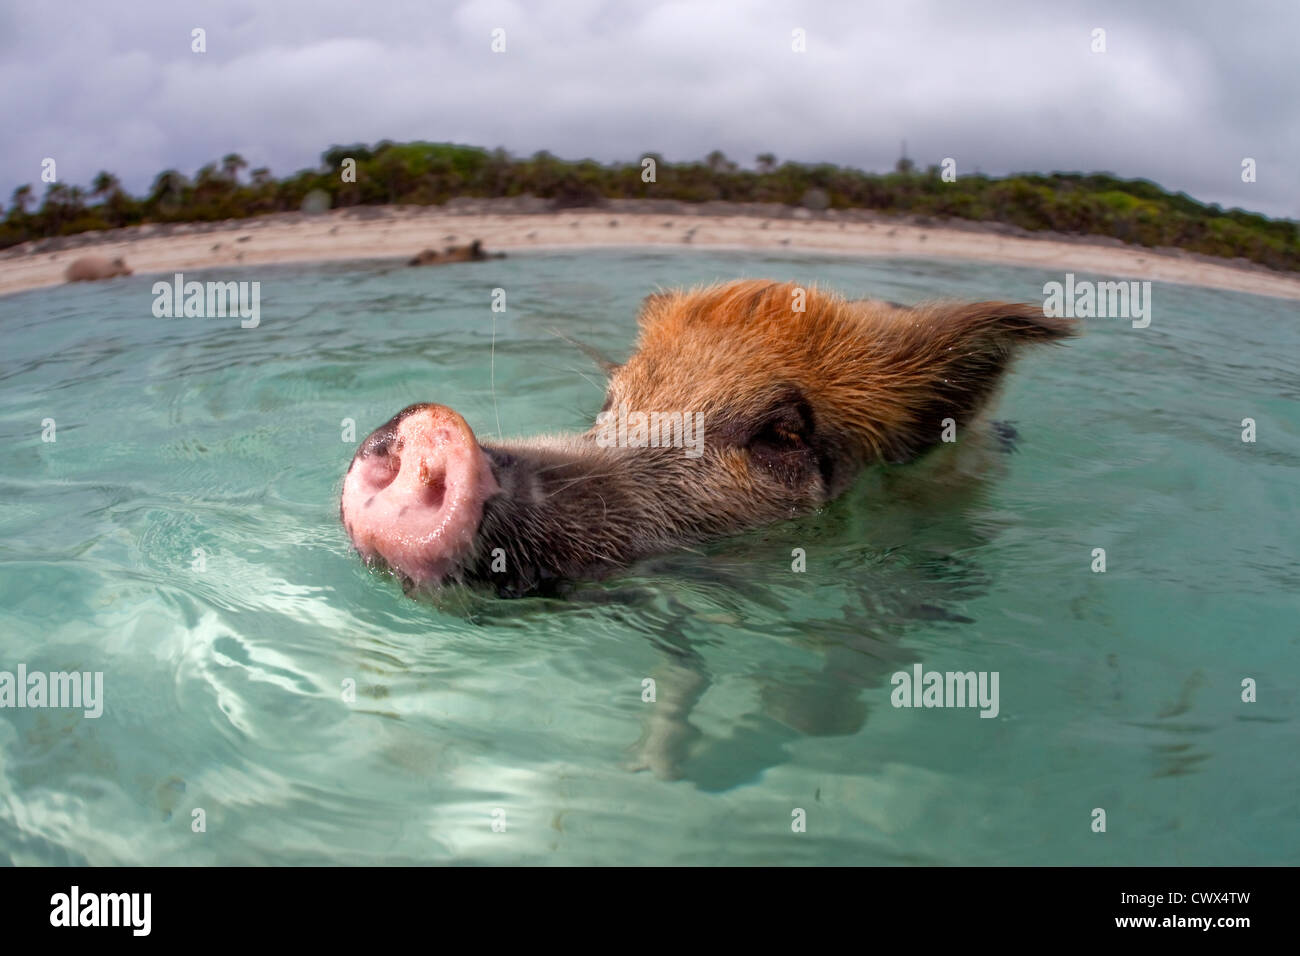 Ein Wildschwein schwimmt bis zu einem Boot voller Touristen Staniel Cay auf den Bahamas. Stockbild